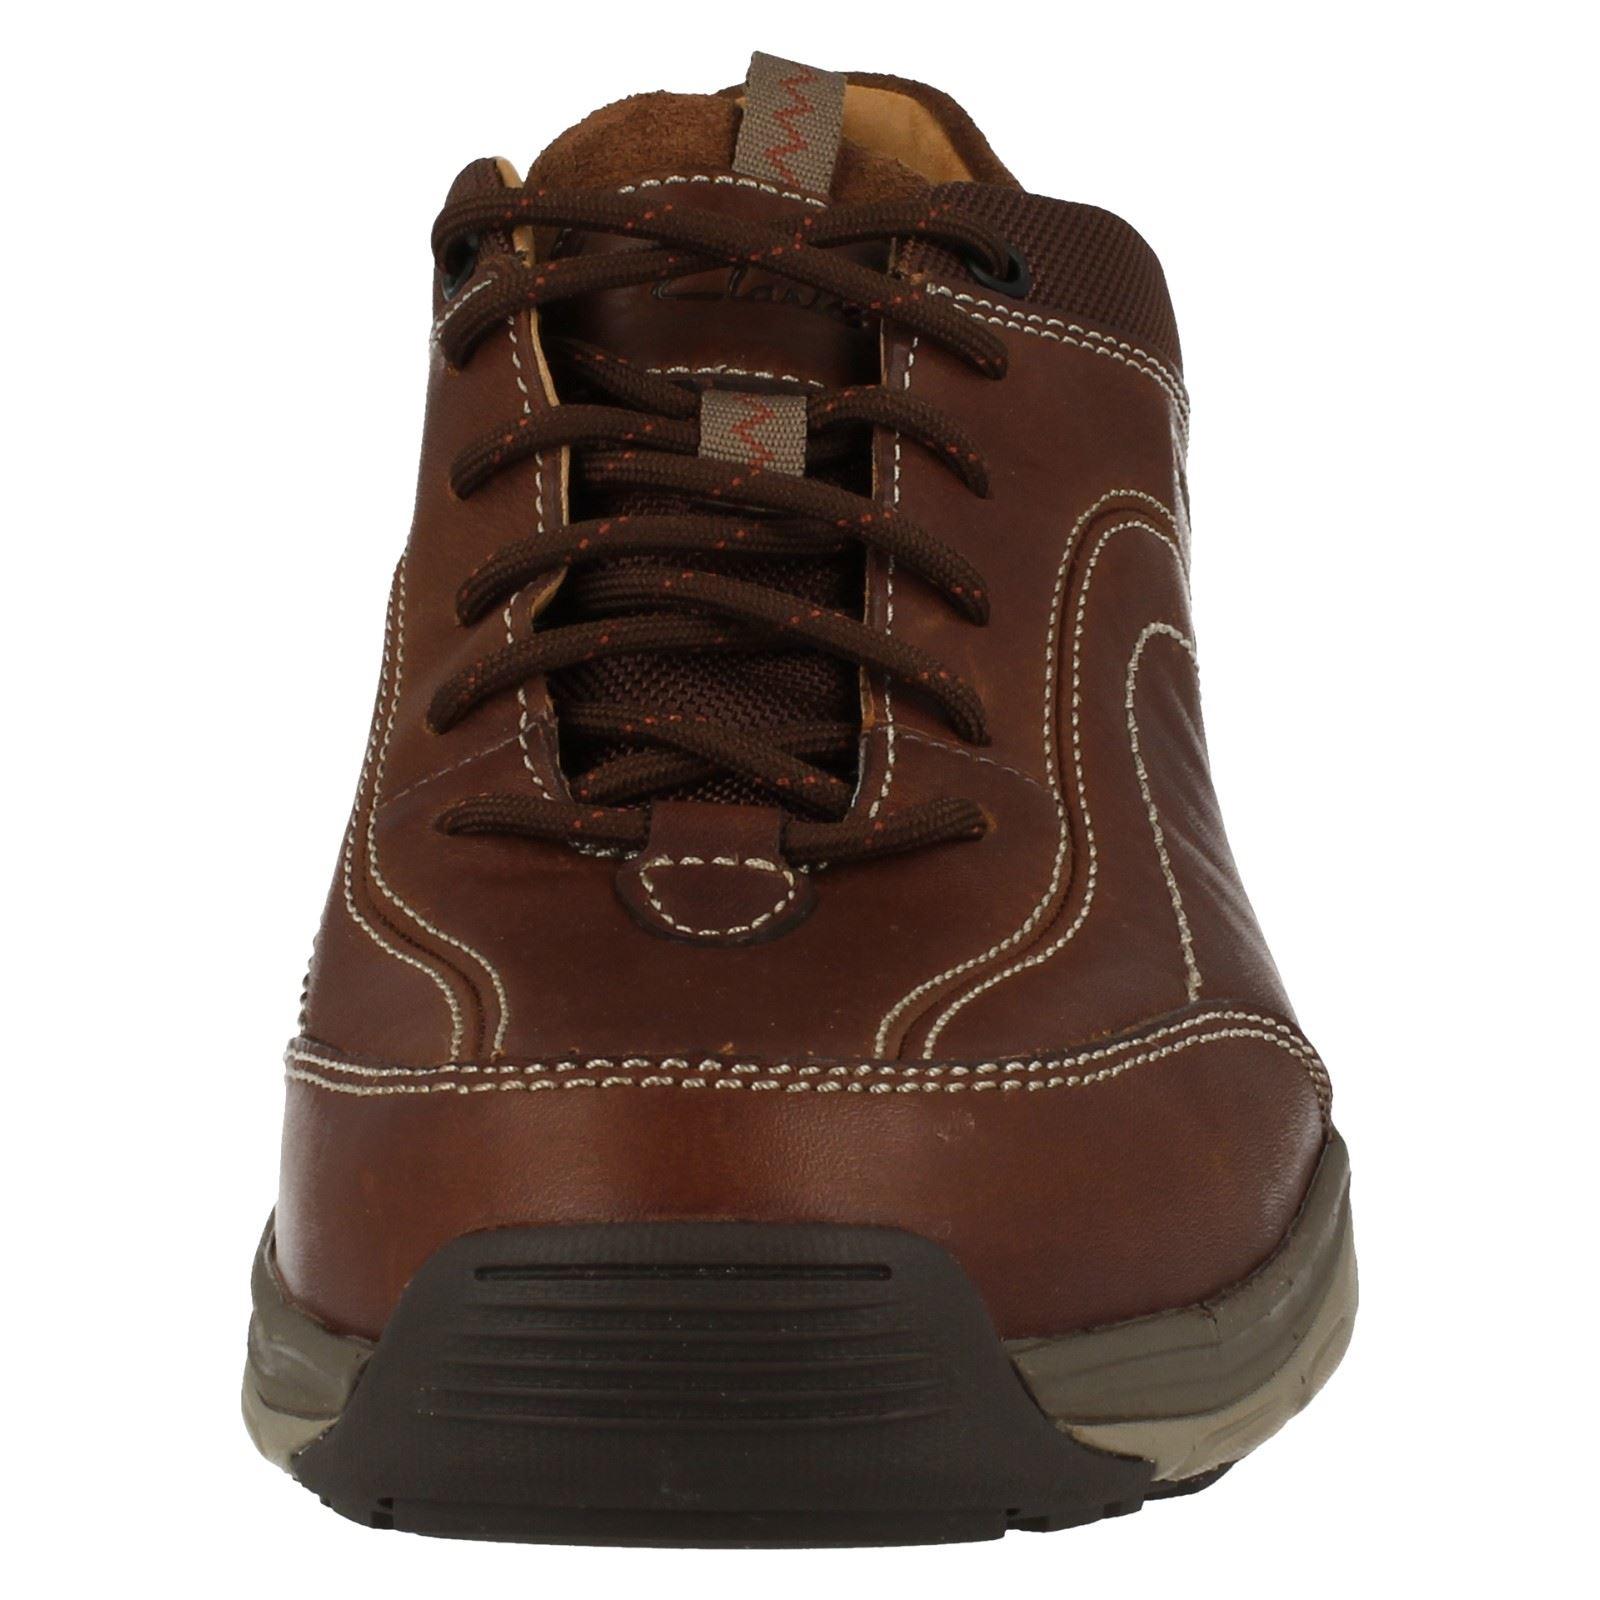 Clarks Active Air Vent Shoes